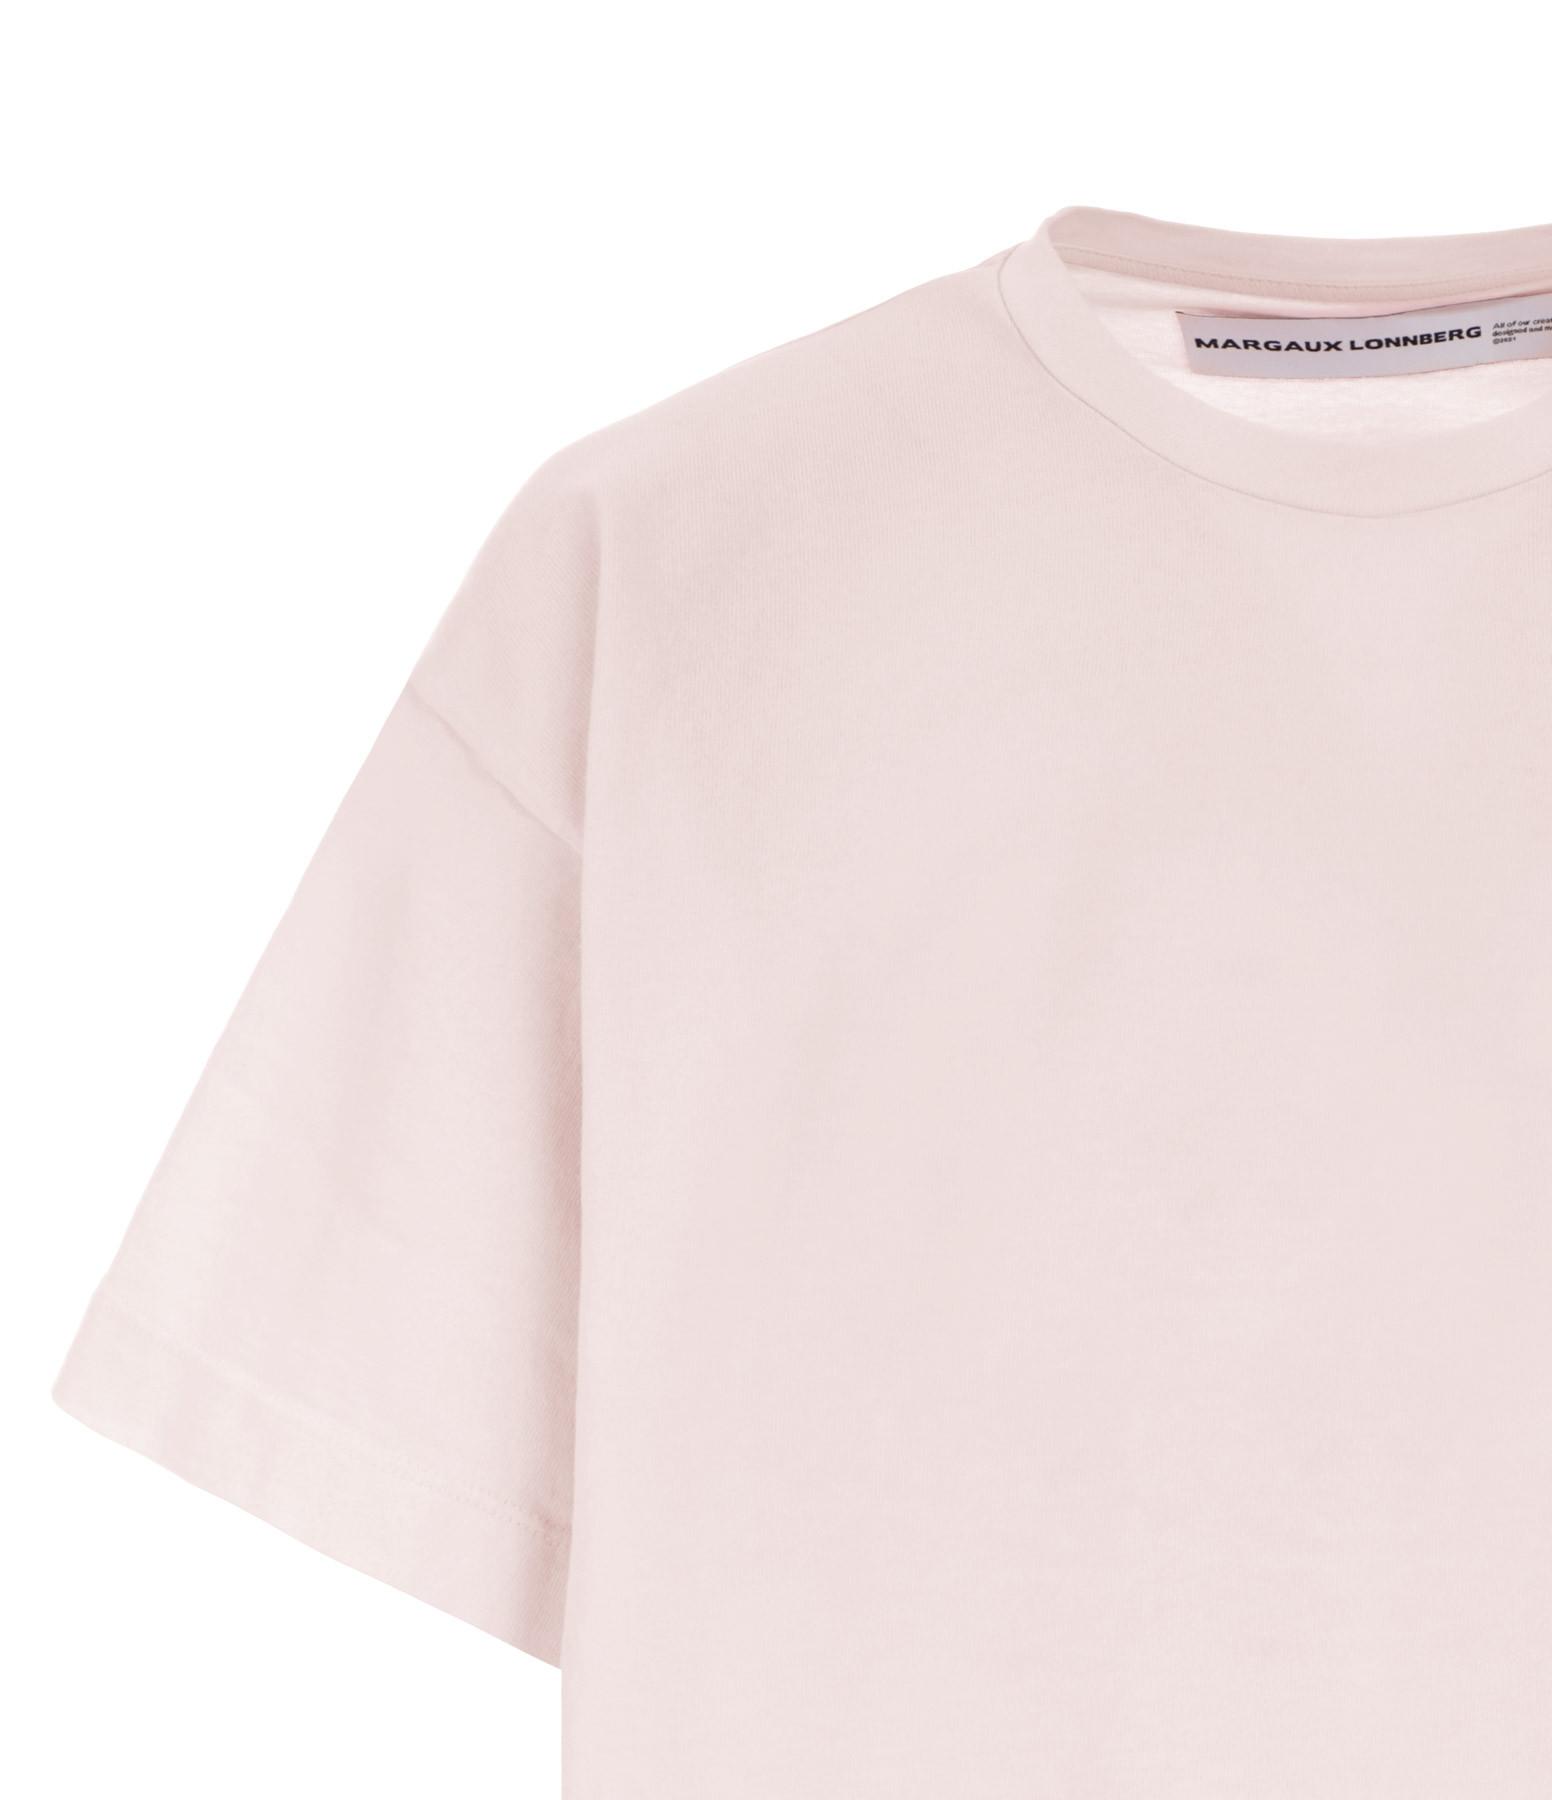 MARGAUX LONNBERG - Tee-shirt Brisa Rose